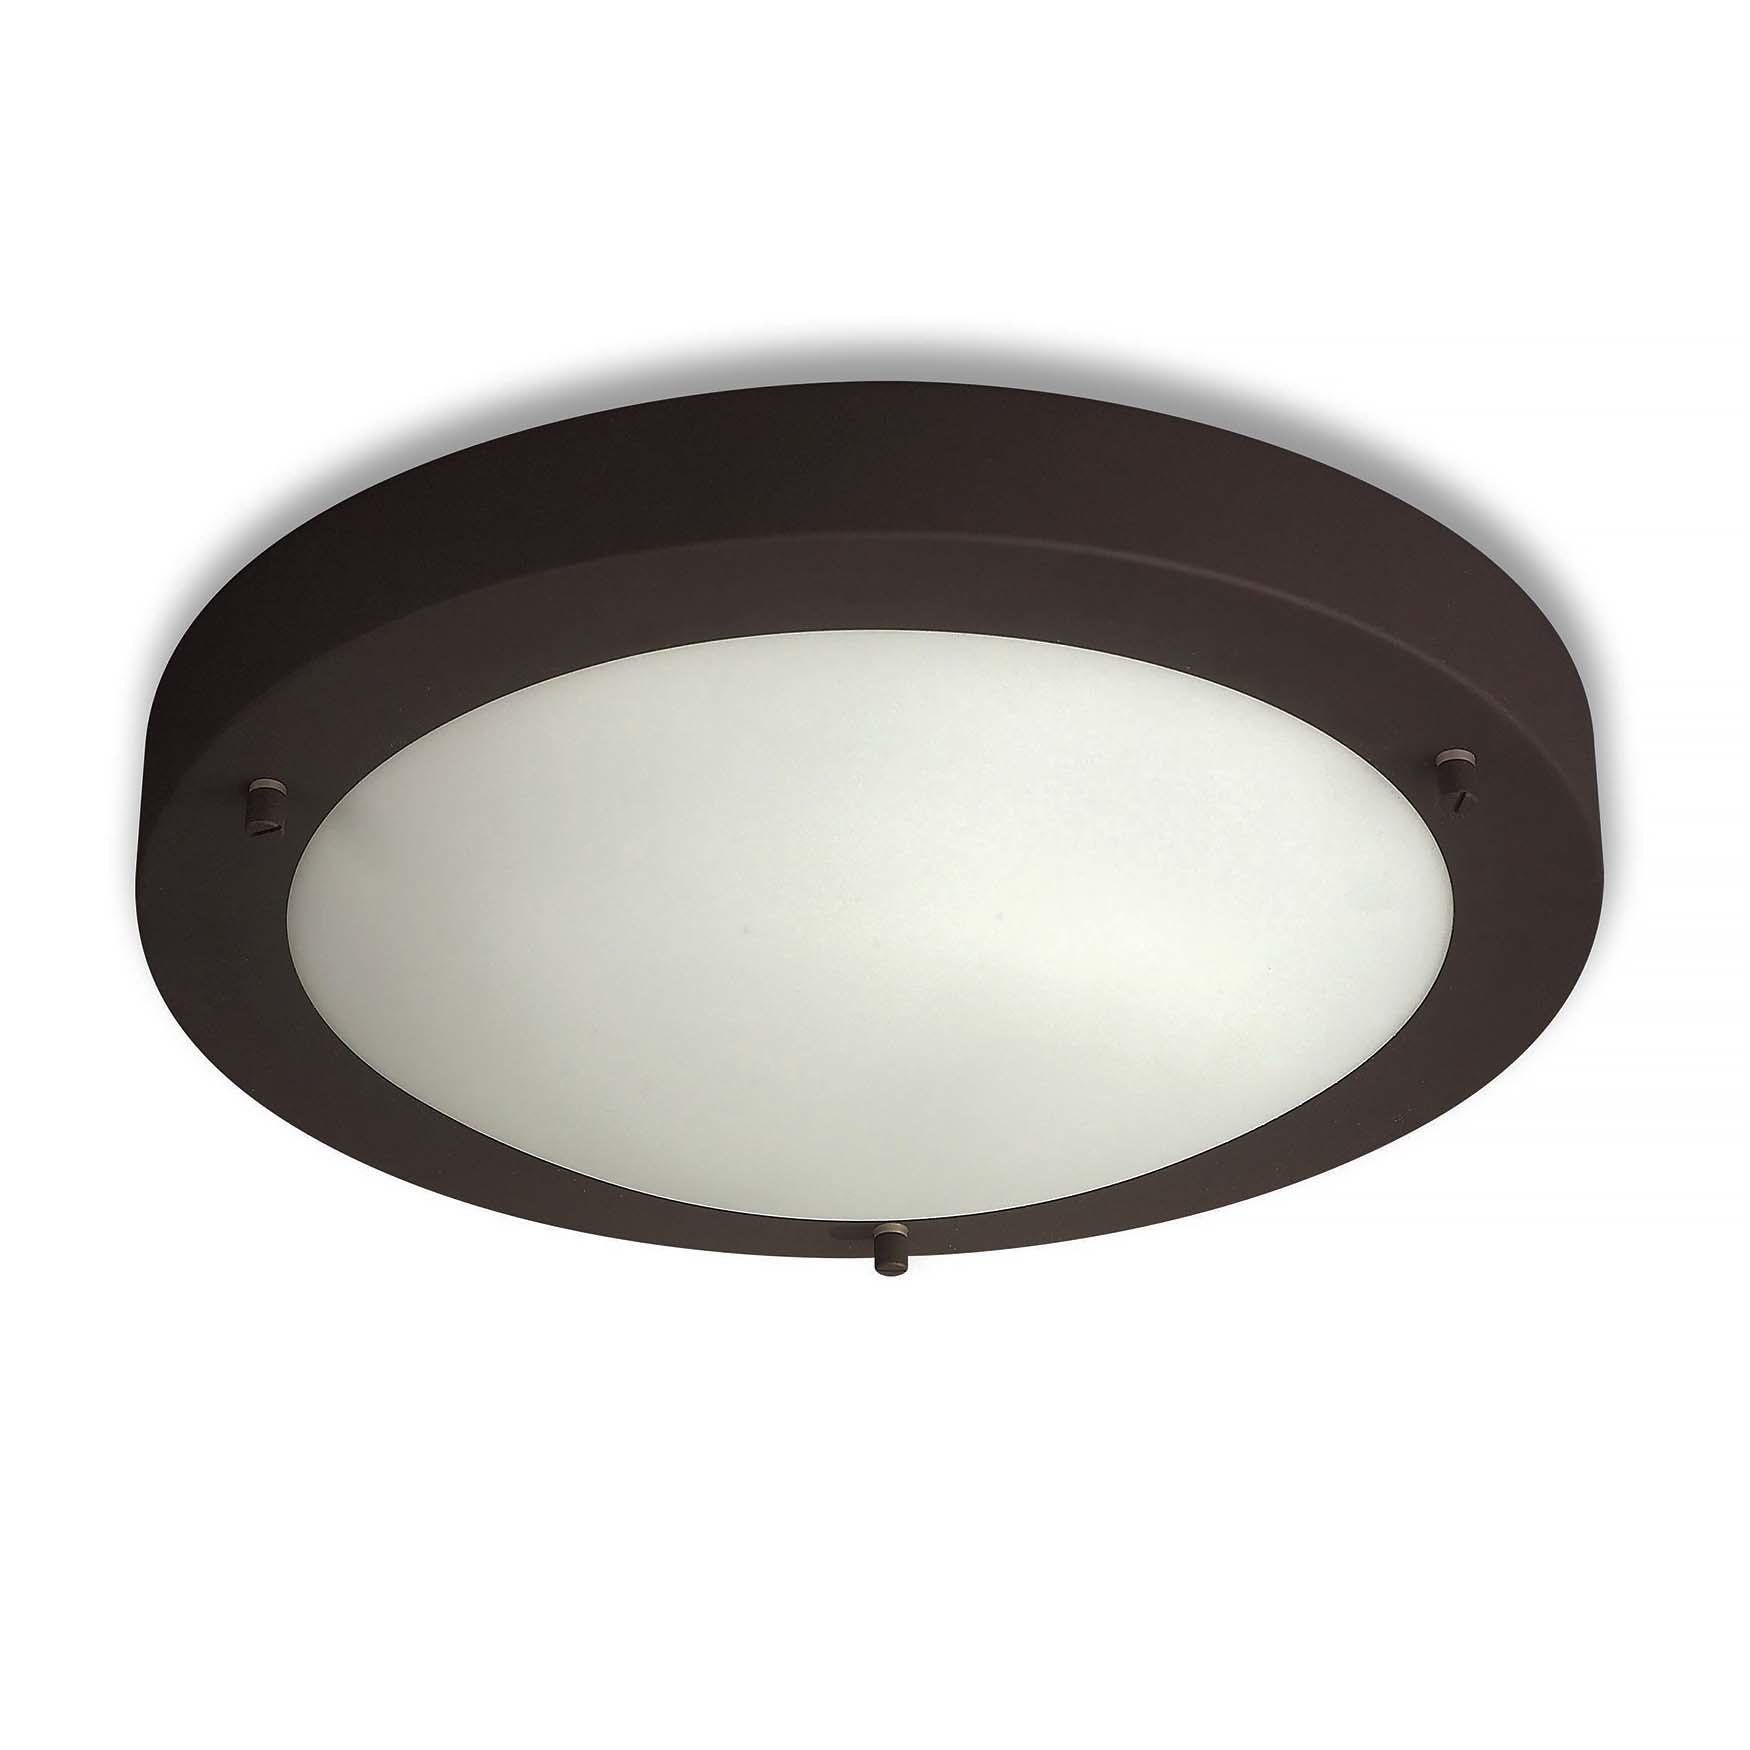 Artdelight Plafondlamp Yuca Ø 30 cm 12 Watt zwart